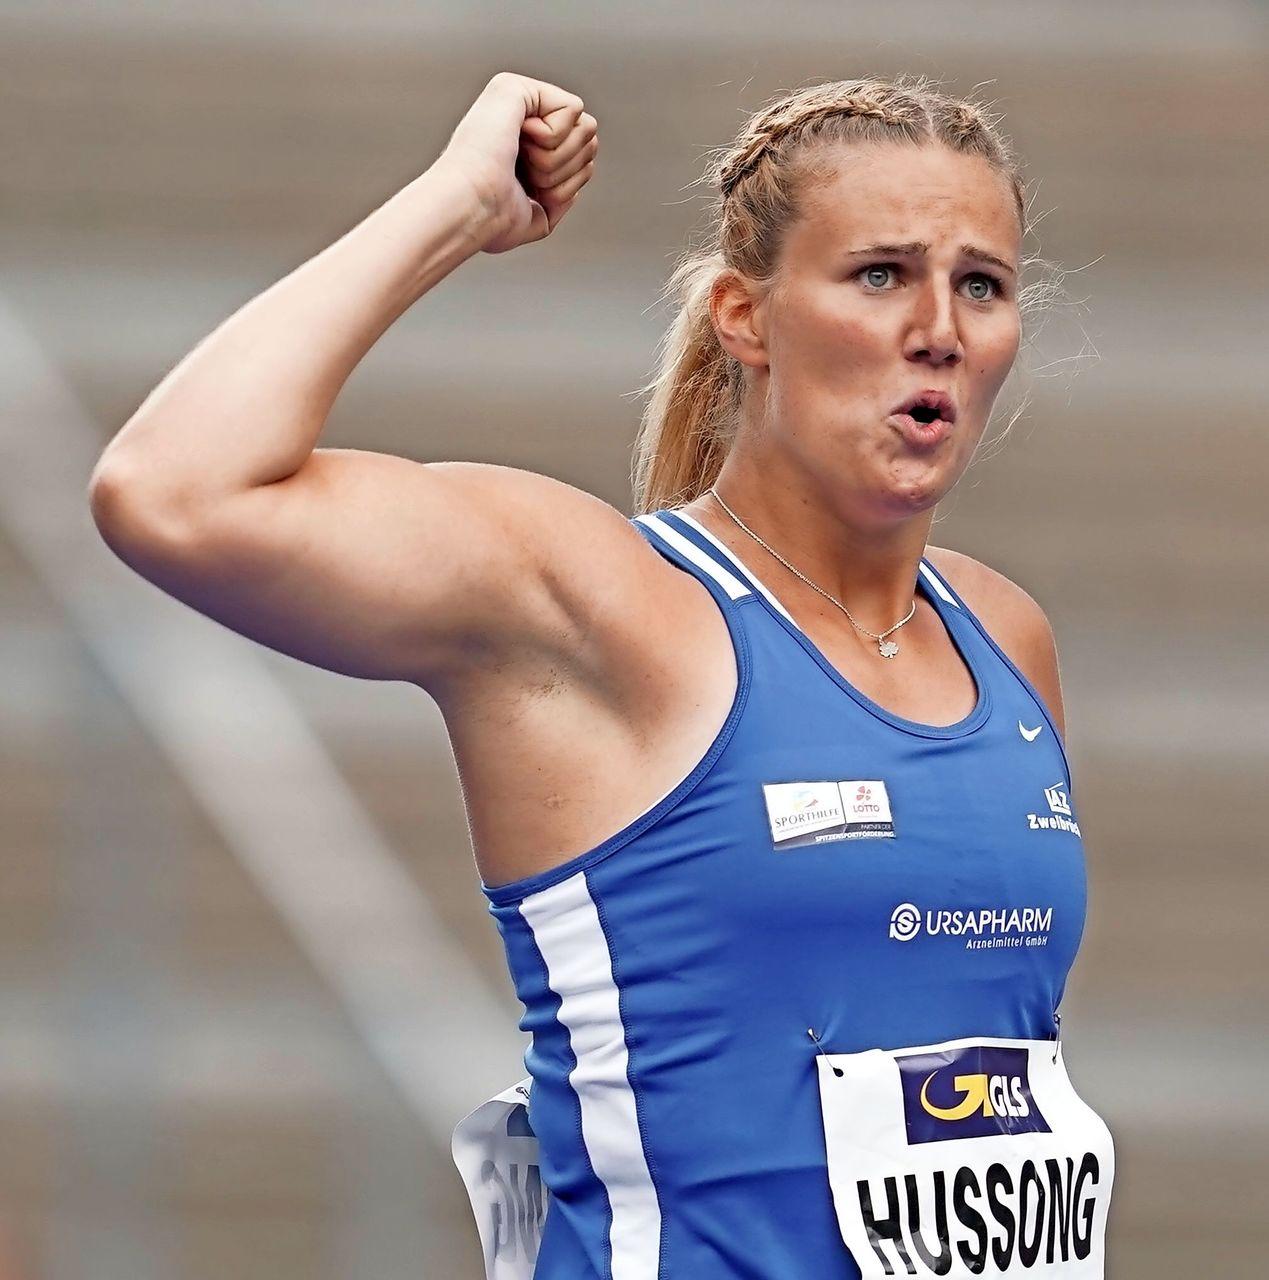 Hussong Christin